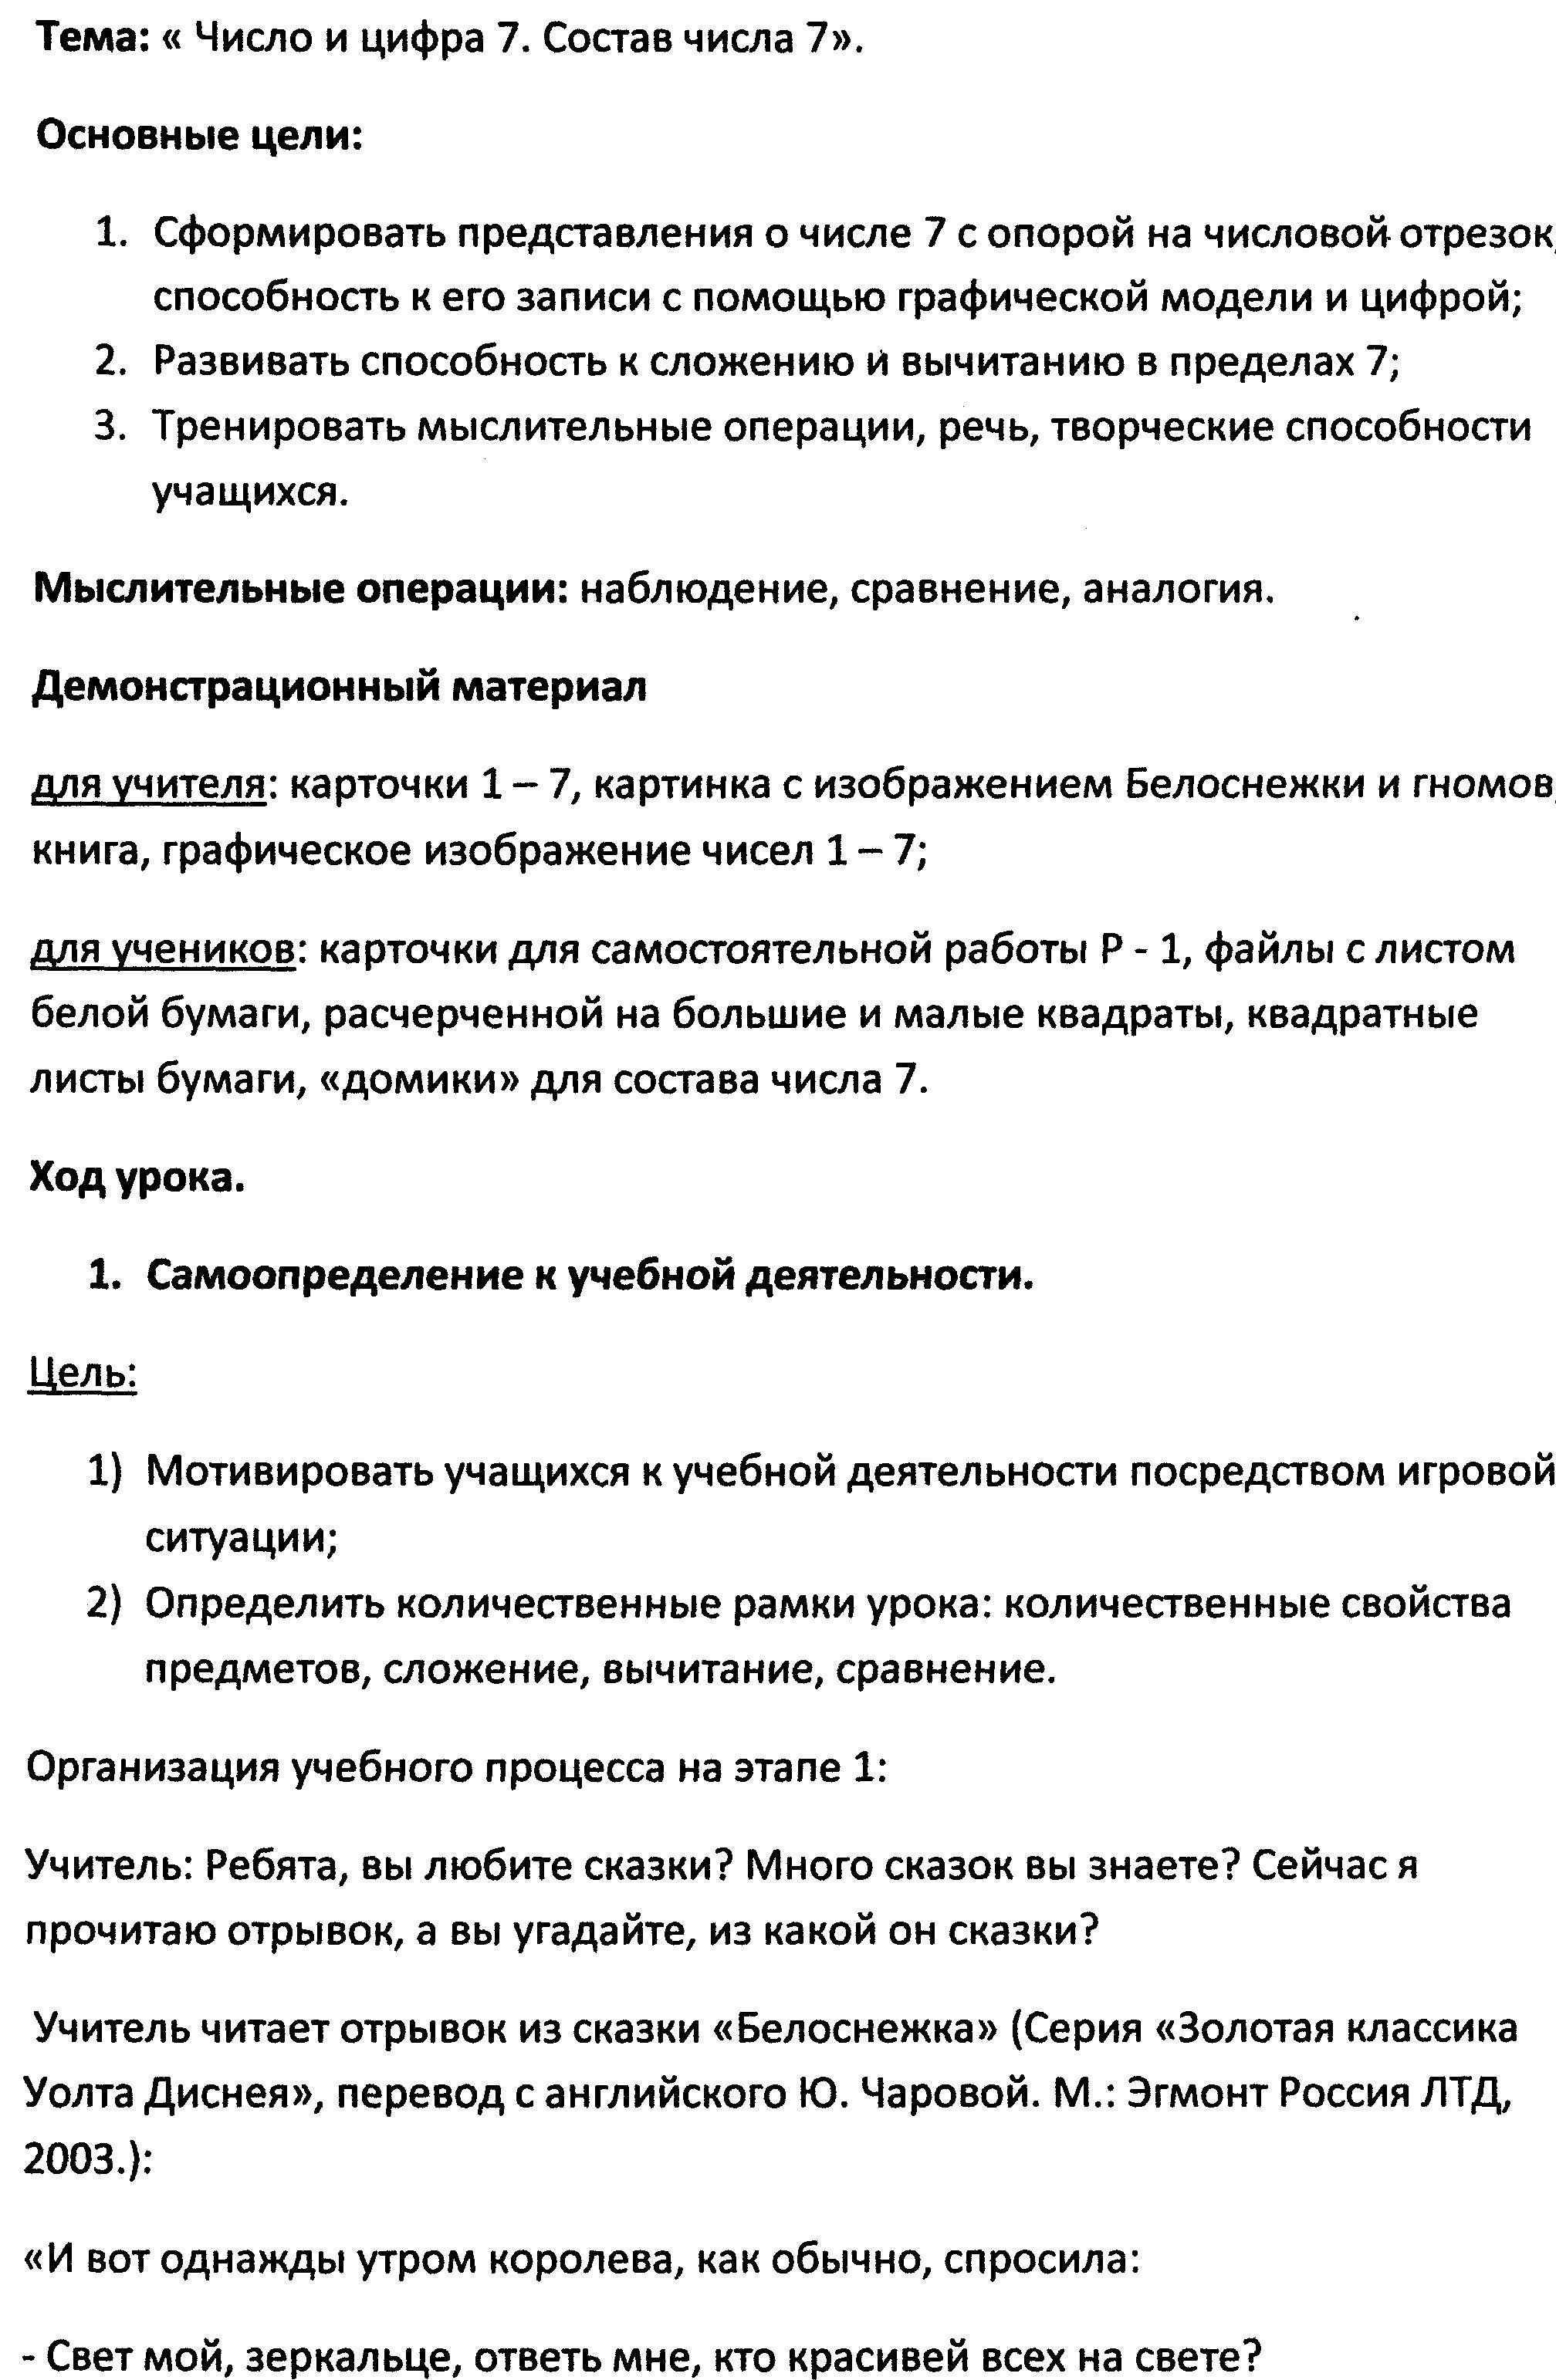 C:\Documents and Settings\Витька\Мои документы\Мои рисунки\img283.jpg